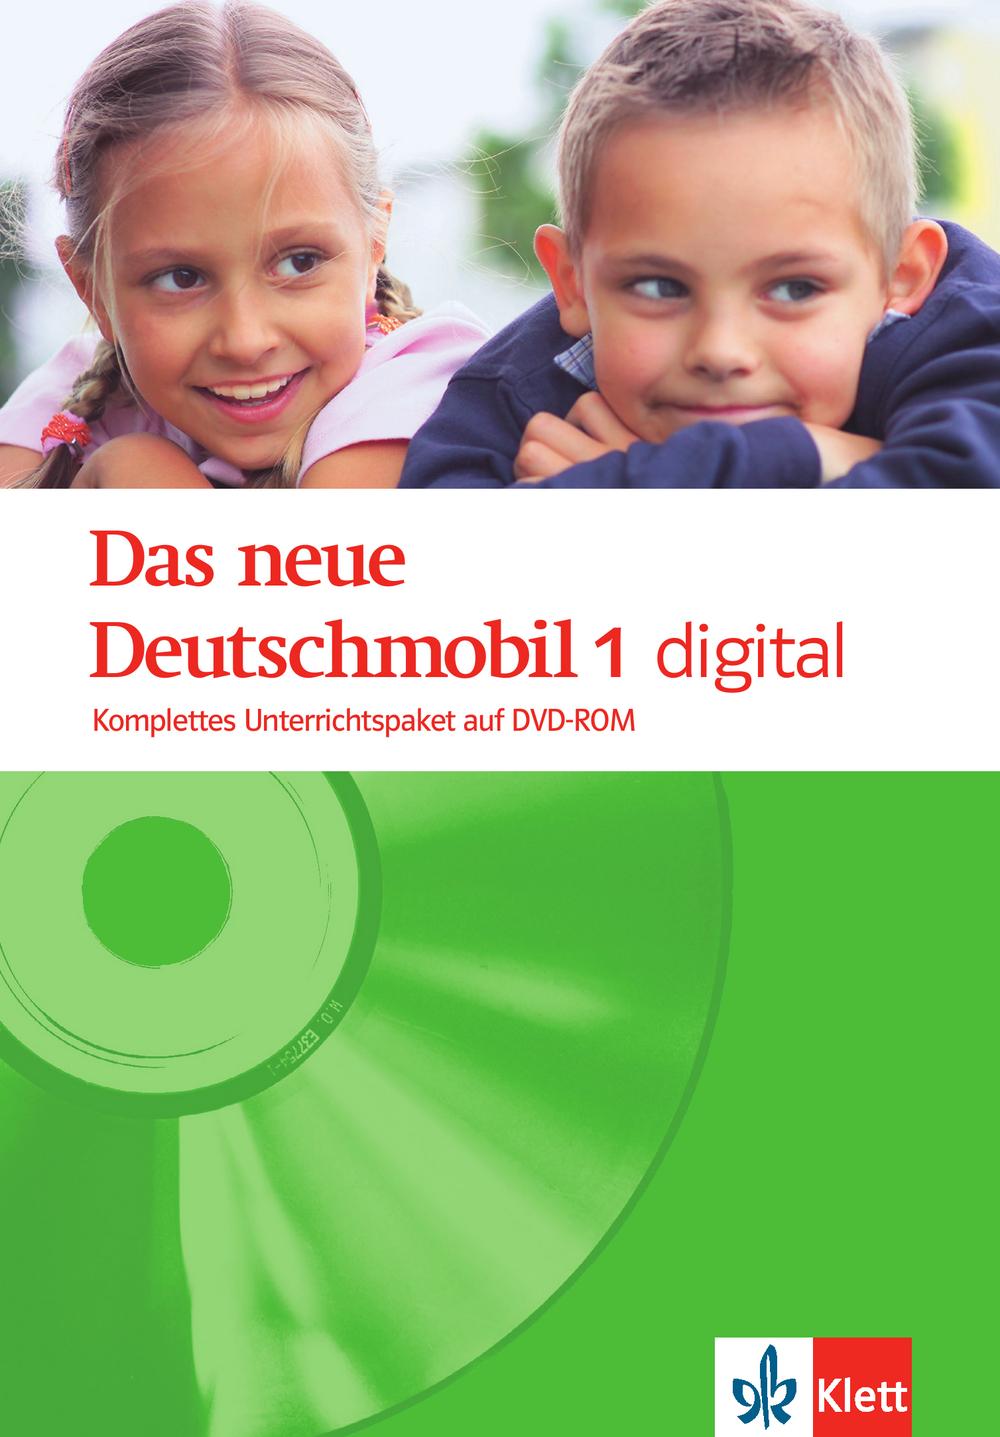 Das neue Deutschmobil 1 digital